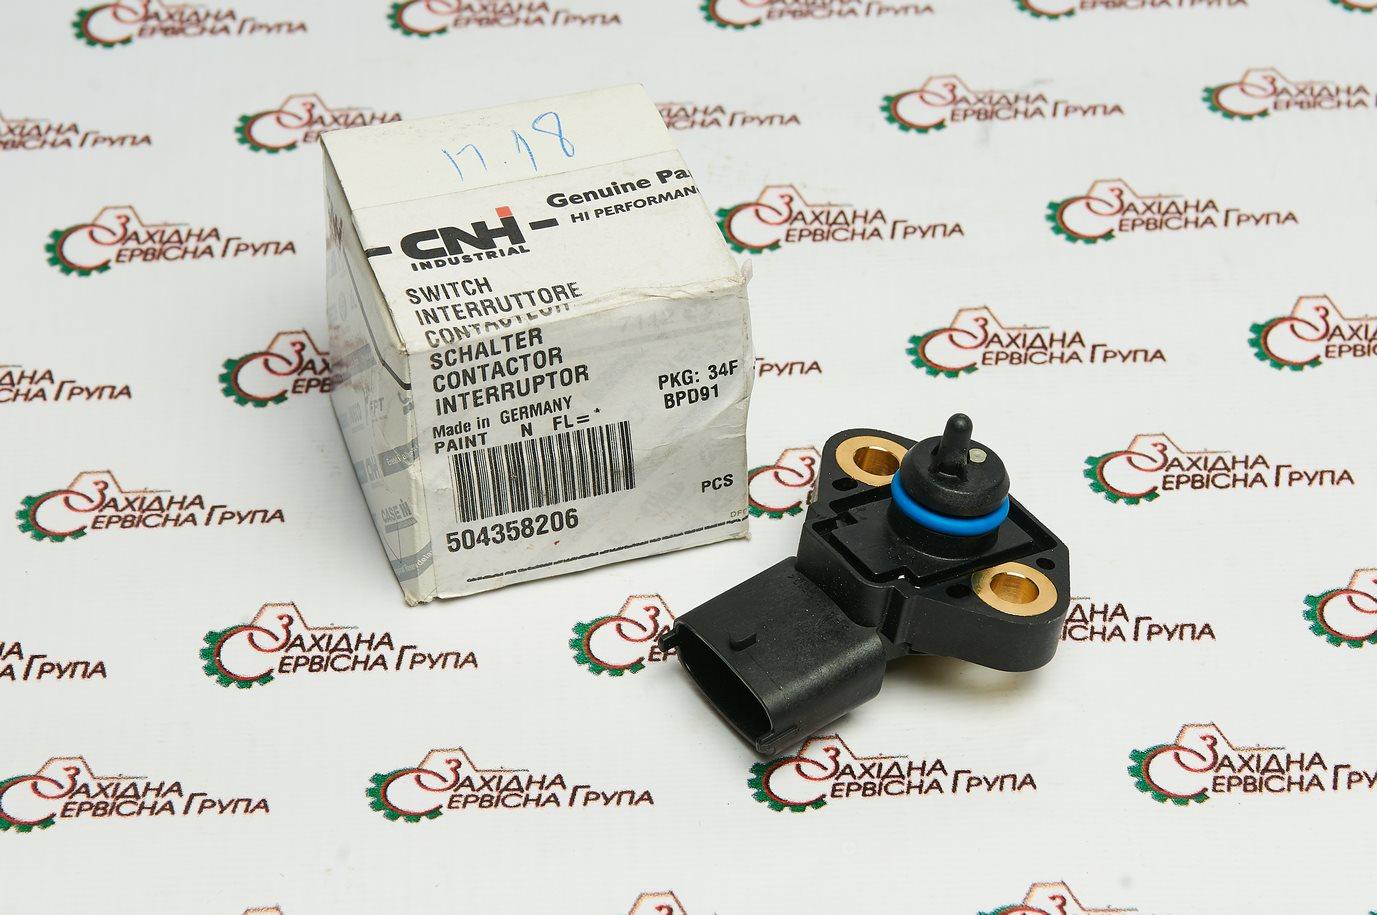 Датчик тиску/температури масла IVECO/FPT Cursor 9, 504358206, 2859674, 4890193